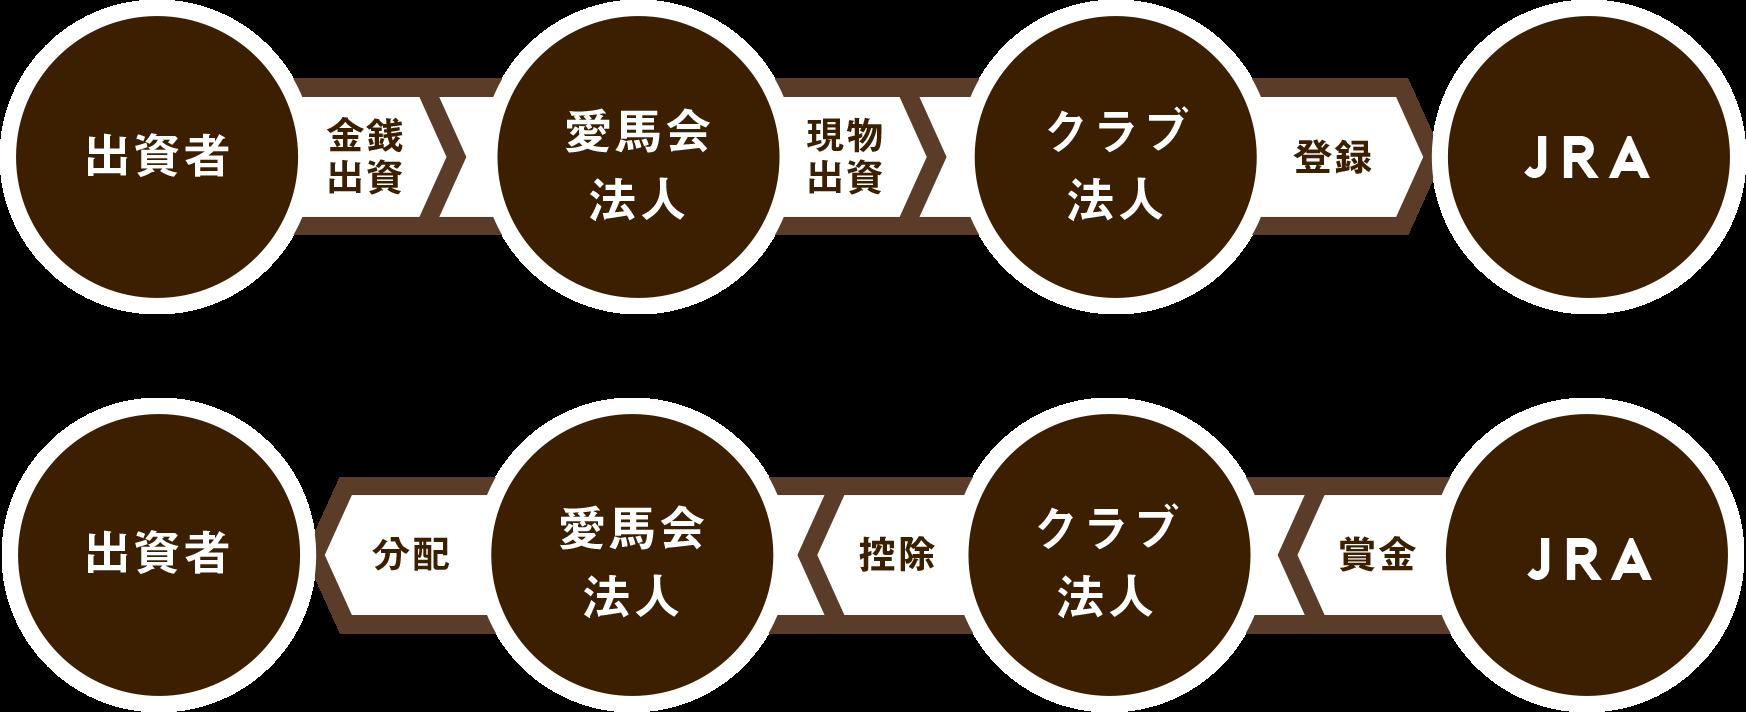 出資のしくみ | 京都サラブレッドクラブ